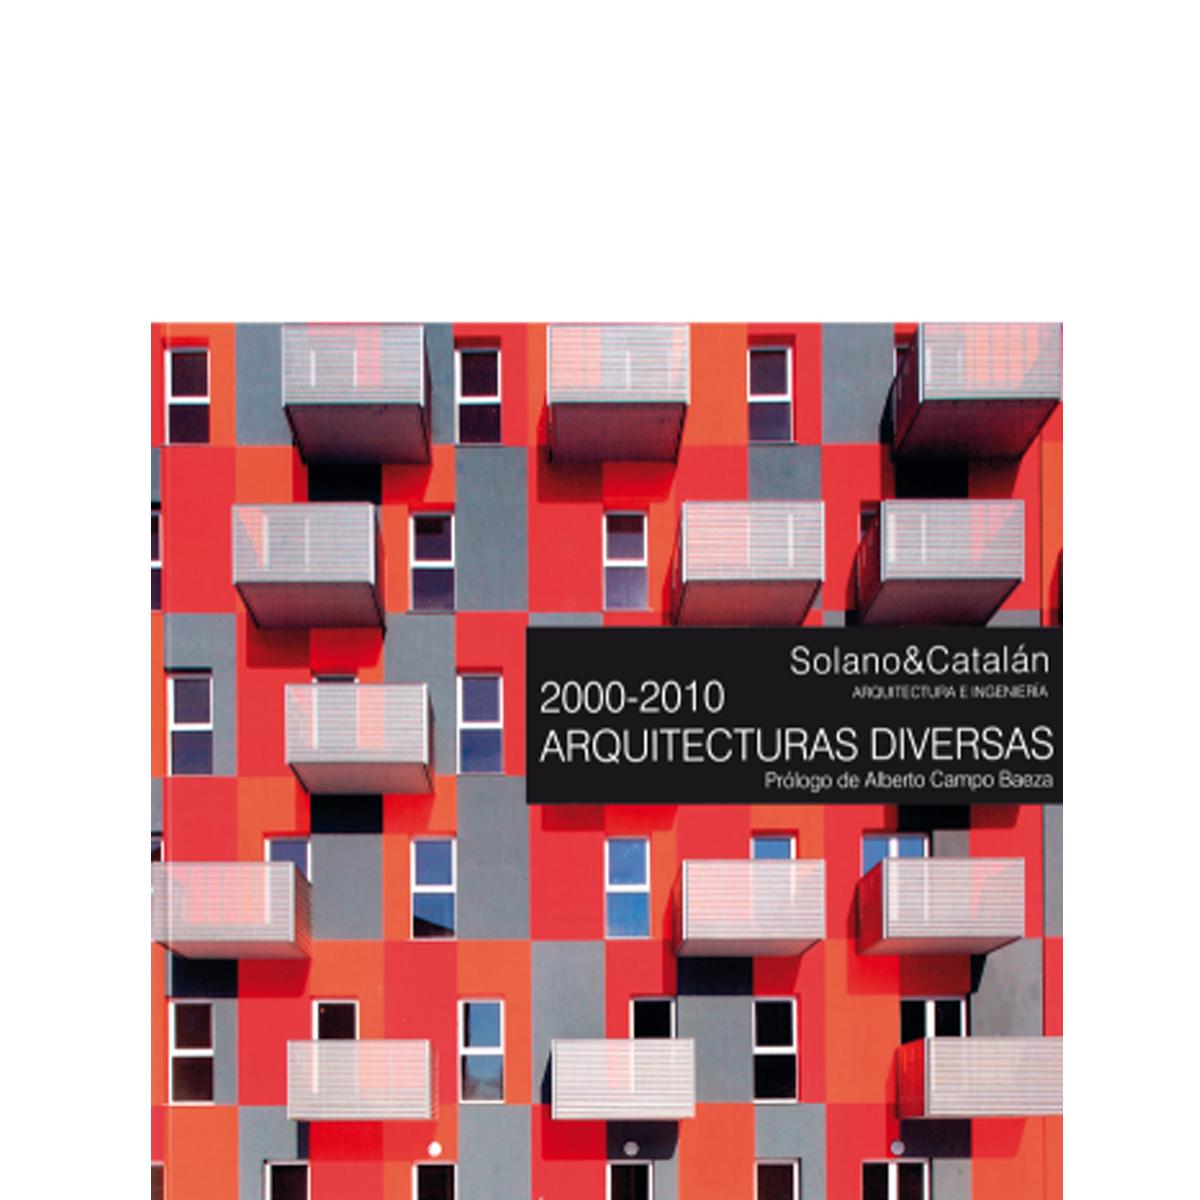 2000-2010. Arquitecturas diversas